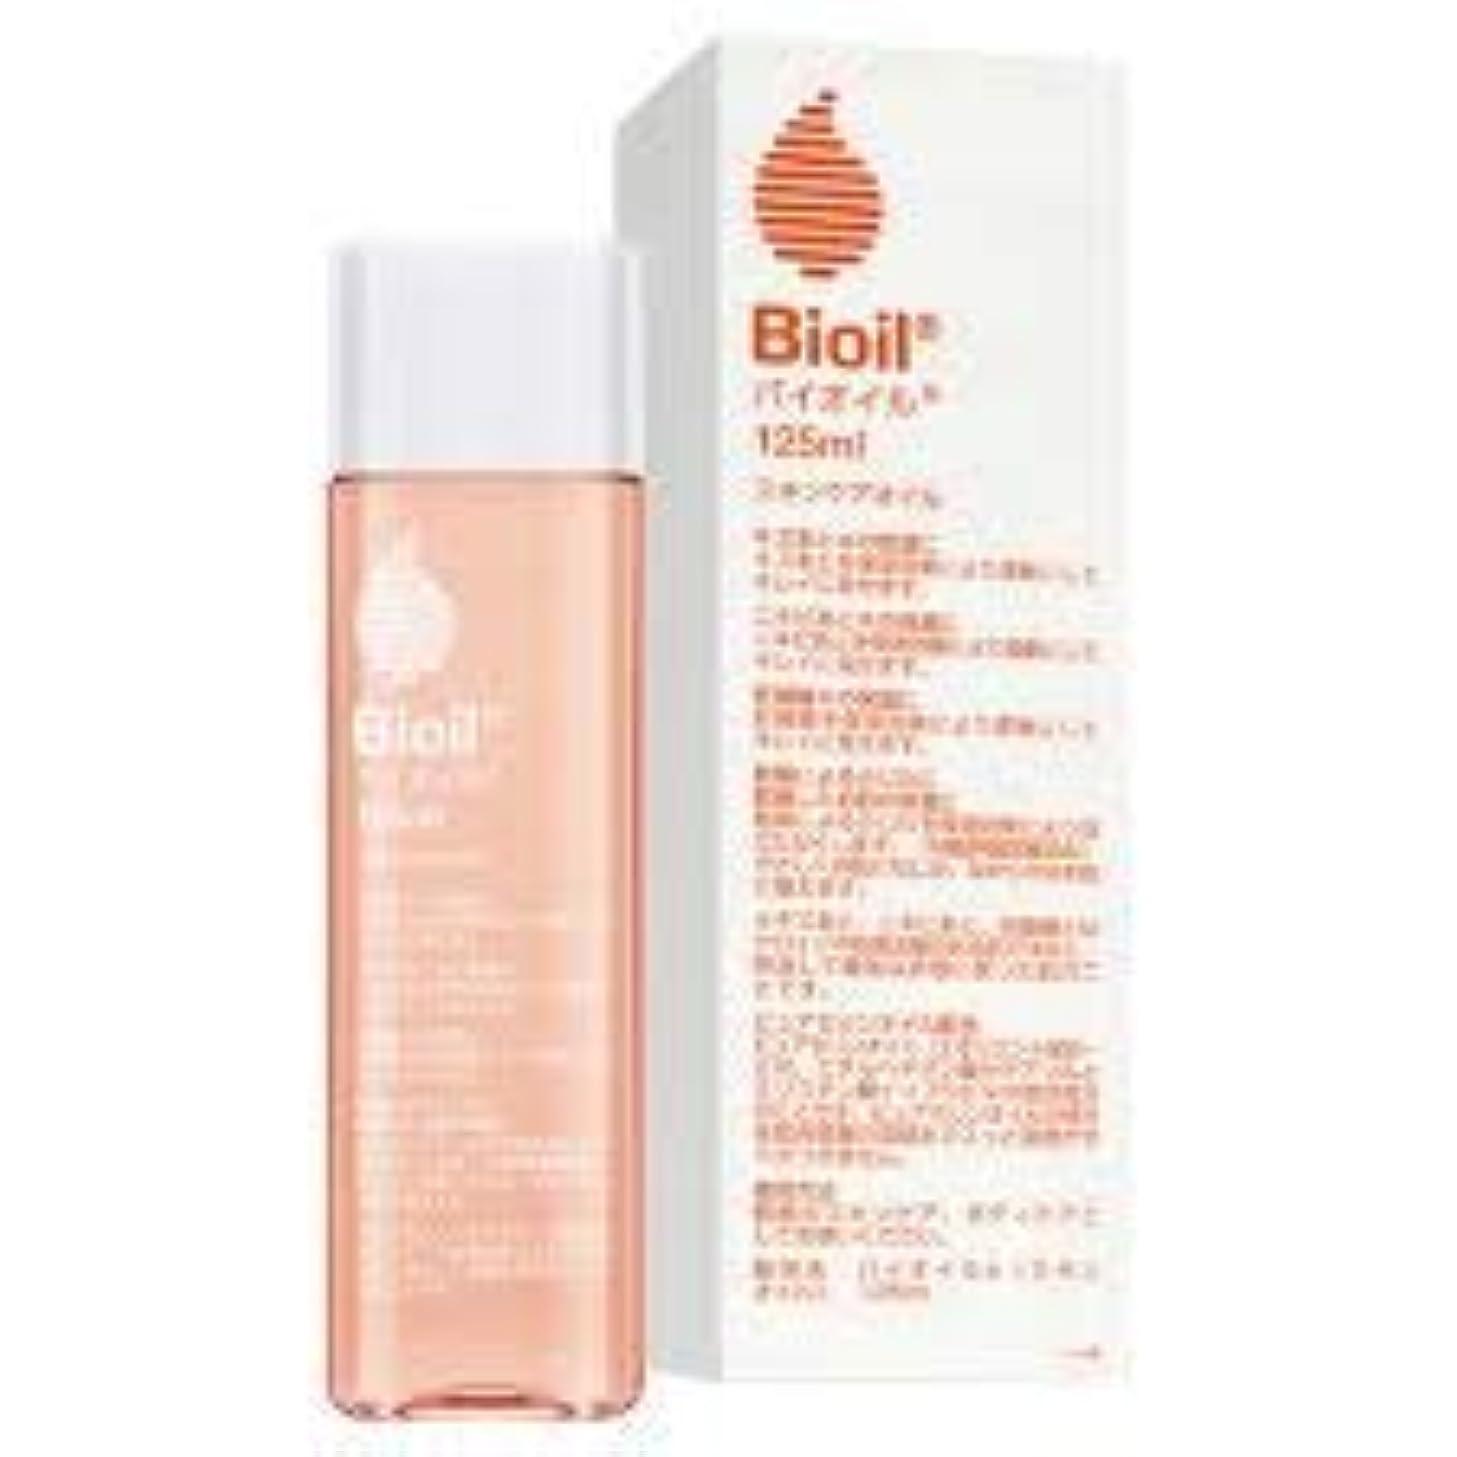 パトワ記事前進バイオイル Bioil 125ml (小林製薬)